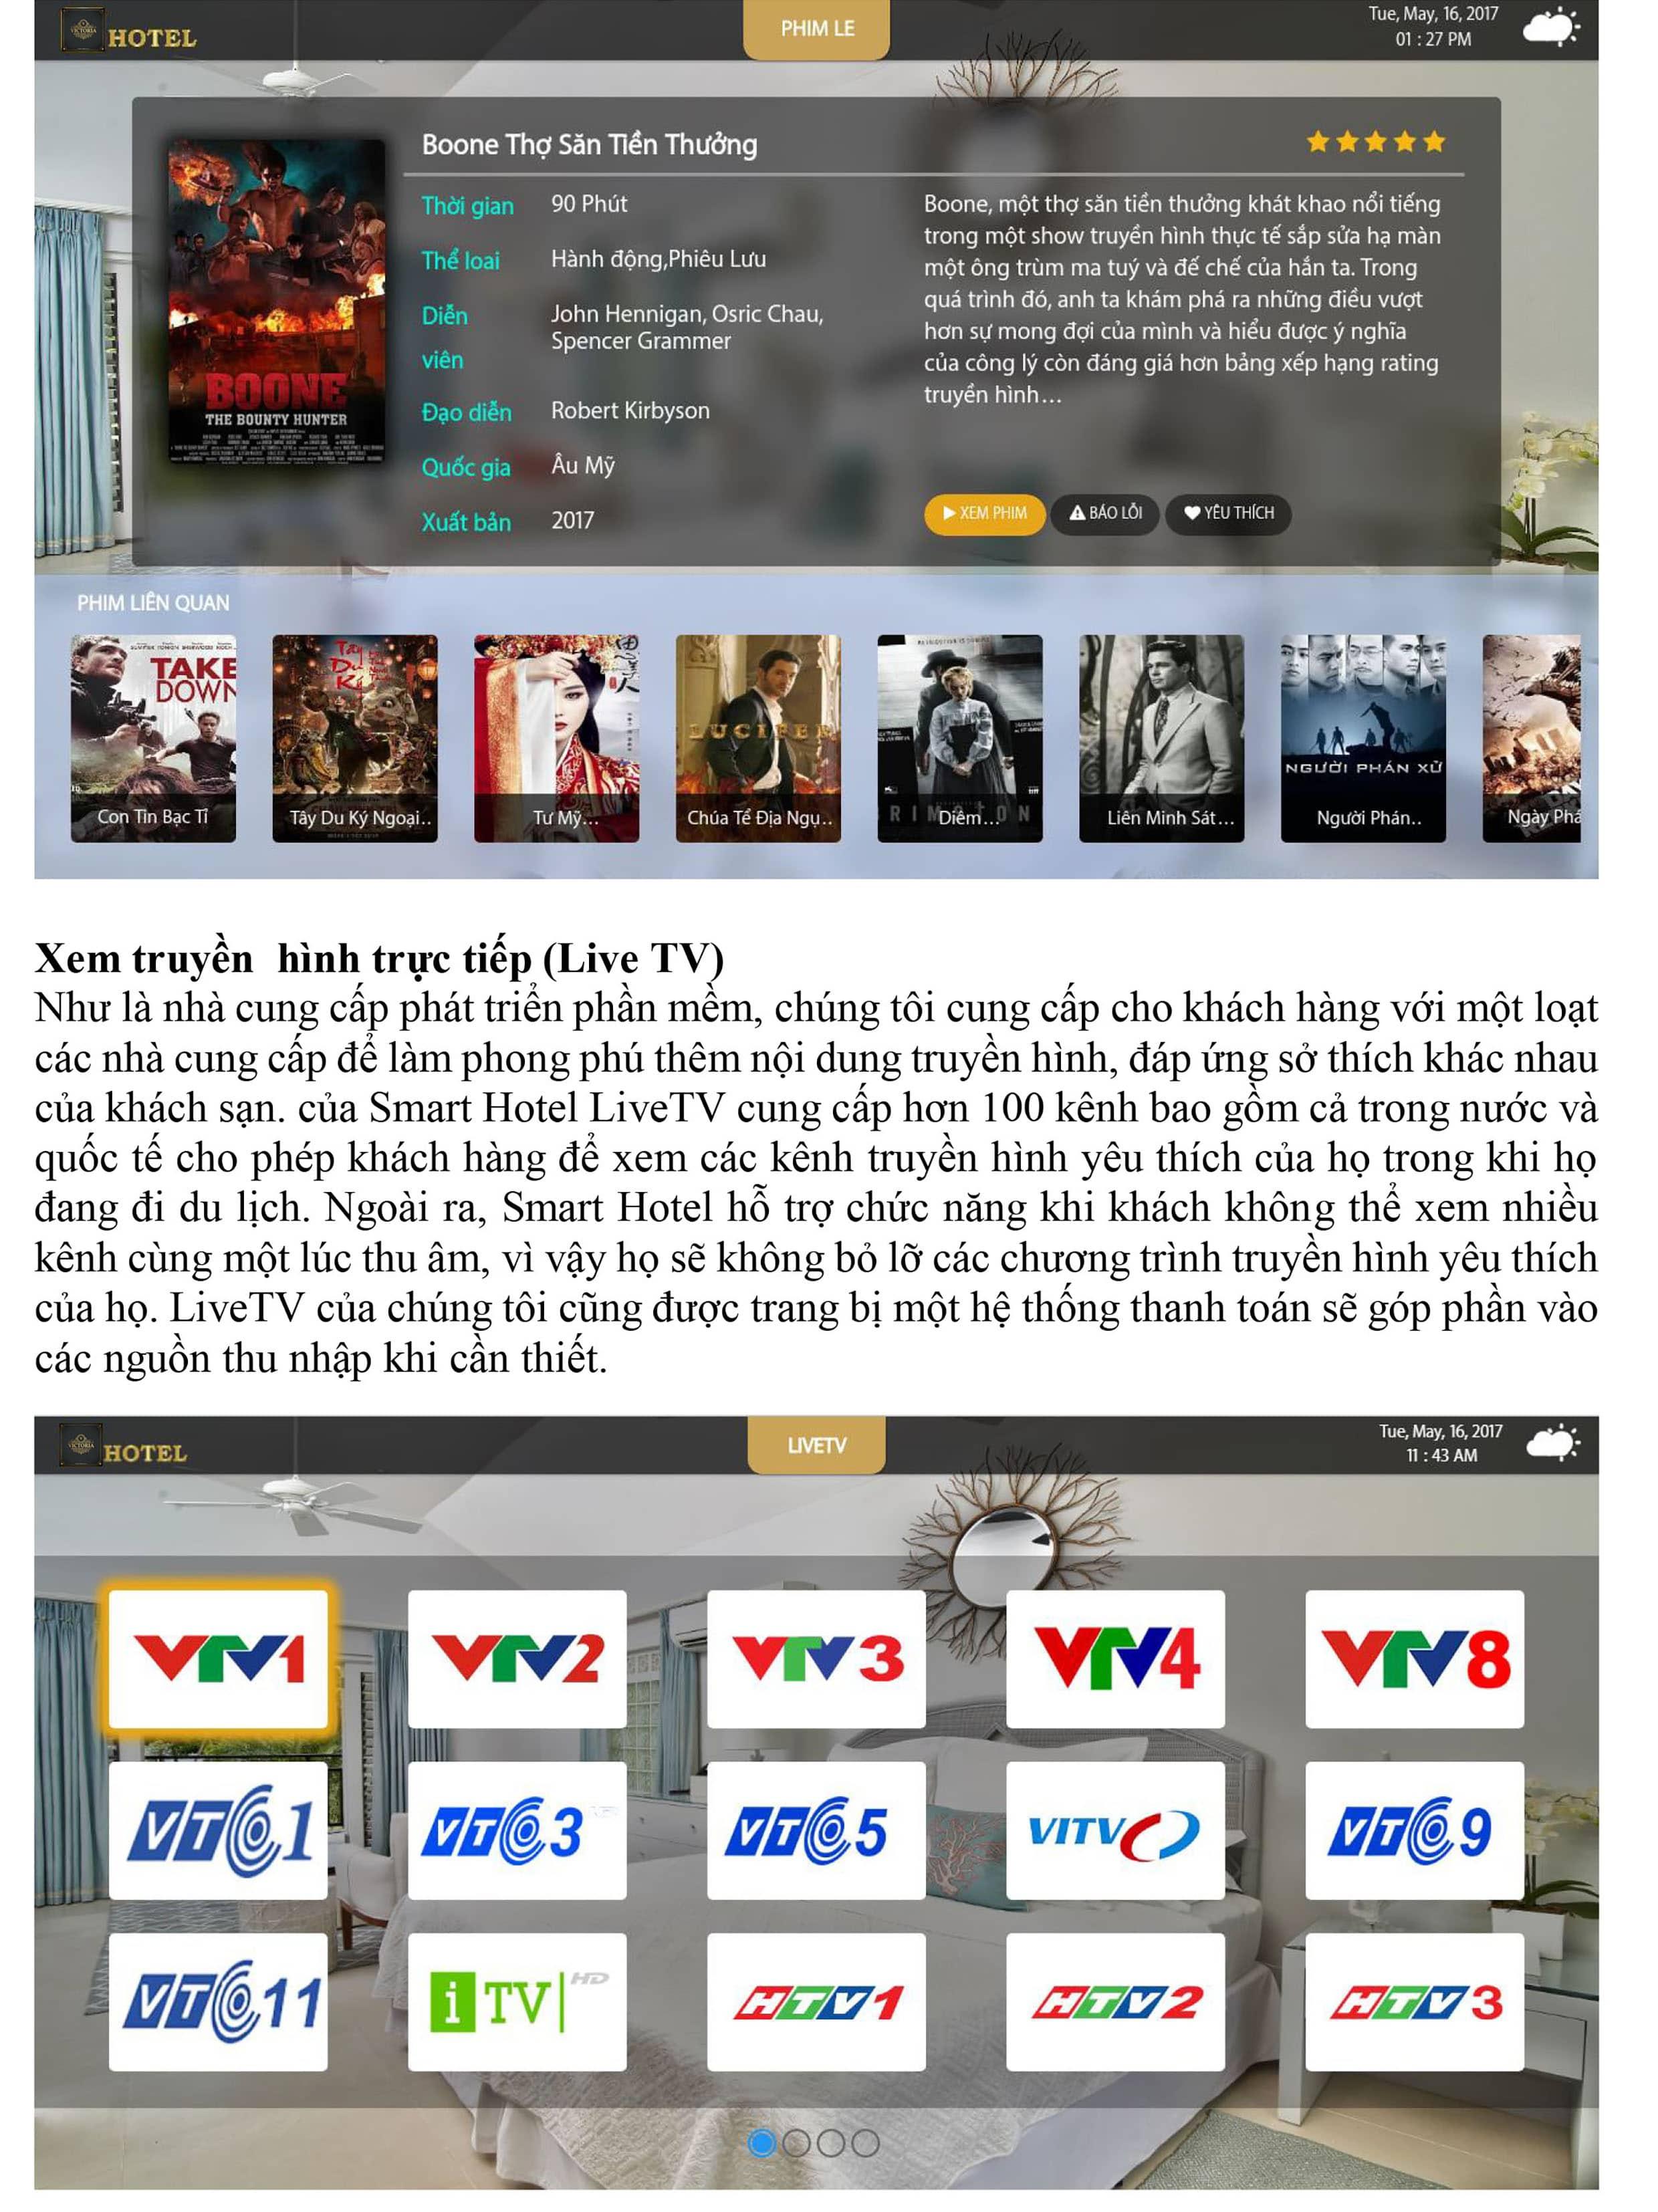 Xem truyền hình trực tiếp hoặc local nhờ IPTV